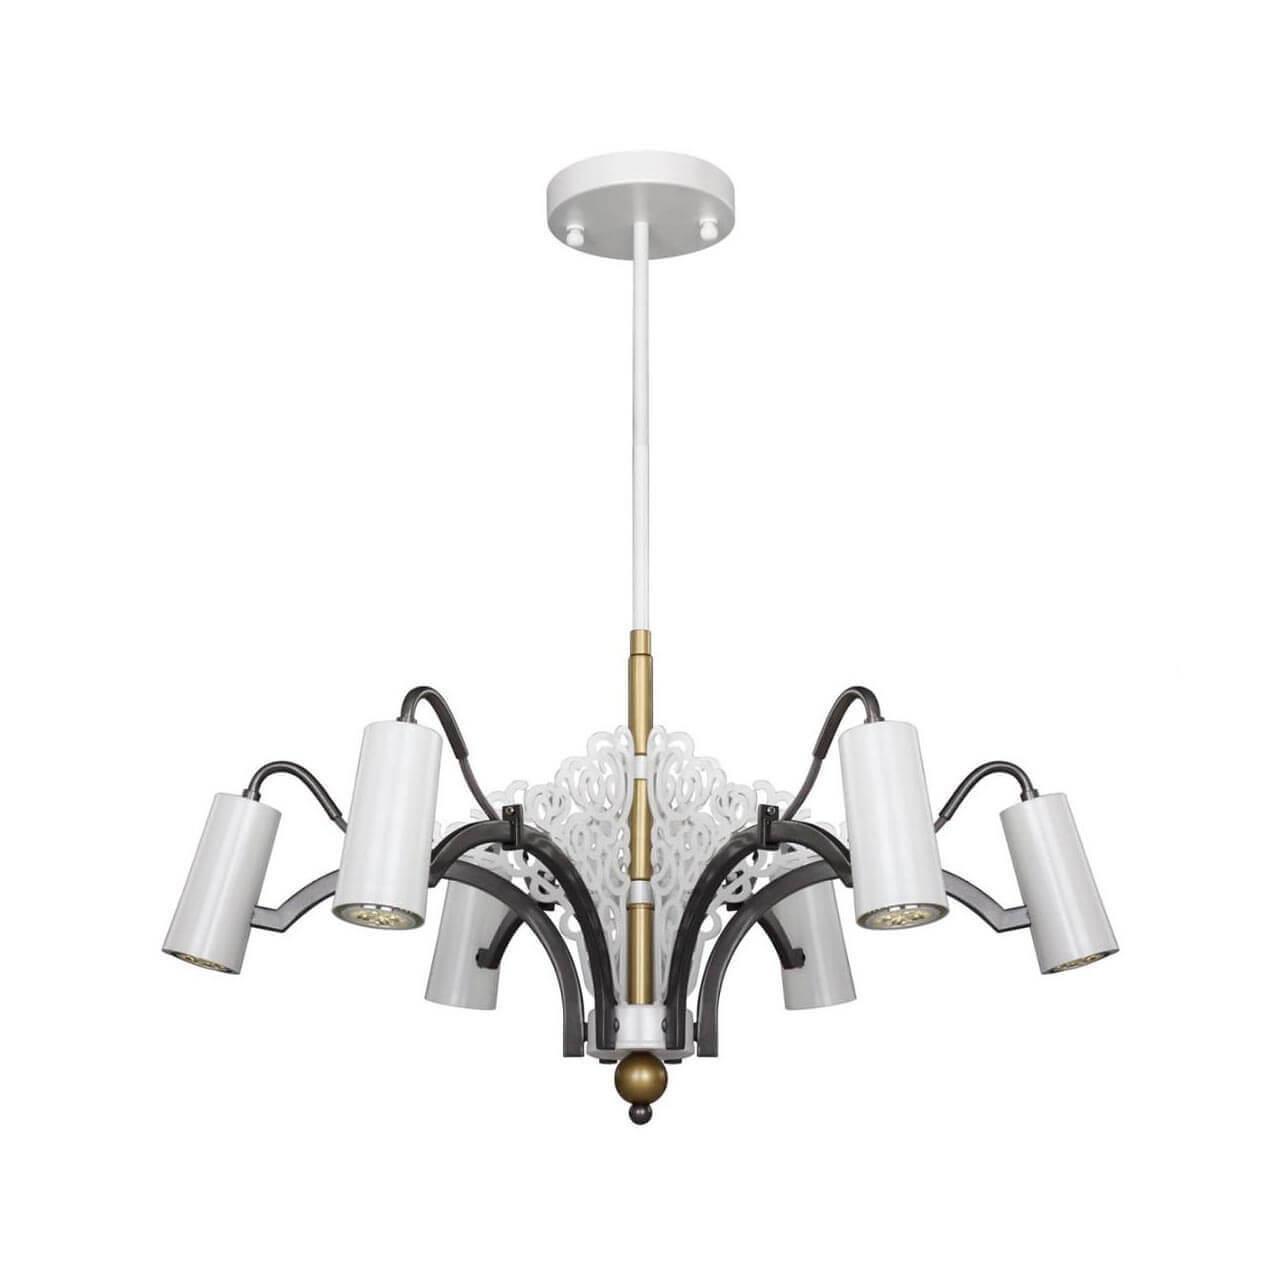 Потолочный светильник Favourite 2301-6P, GU10, 5 Вт утюг mag mt 2301